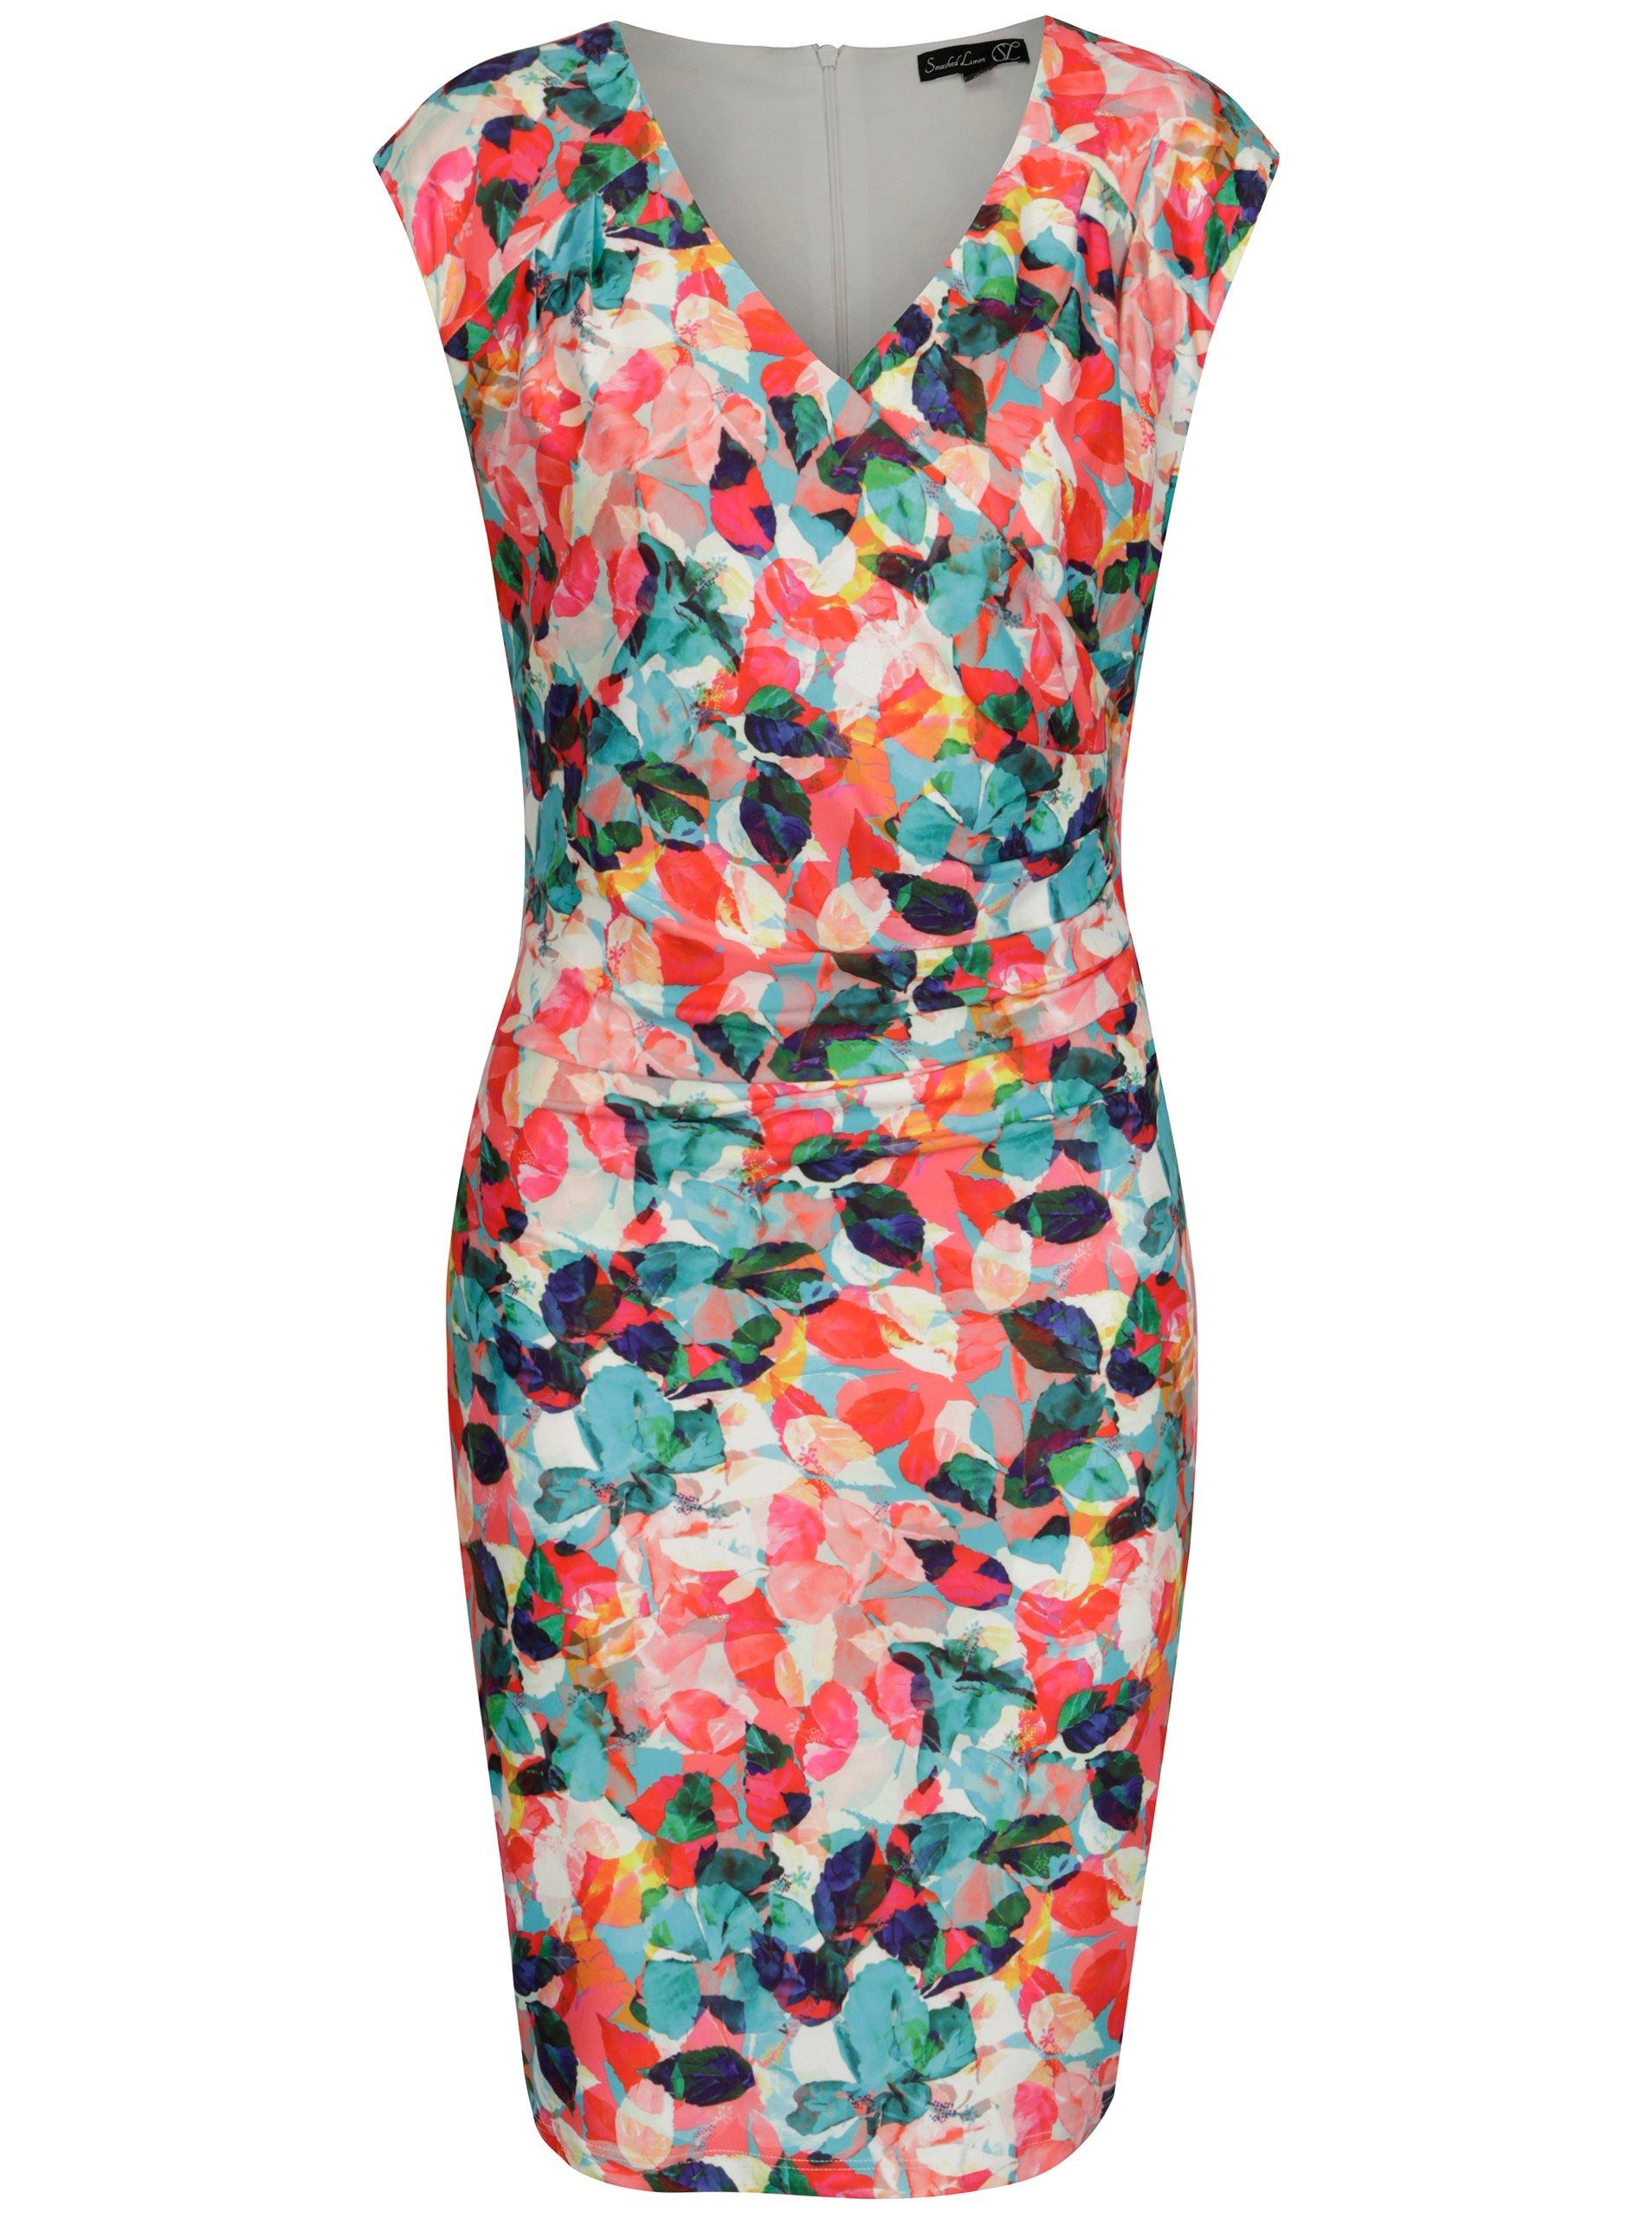 e3d1217ac599 Farebné puzdrové vzorované šaty Smashed Lemon